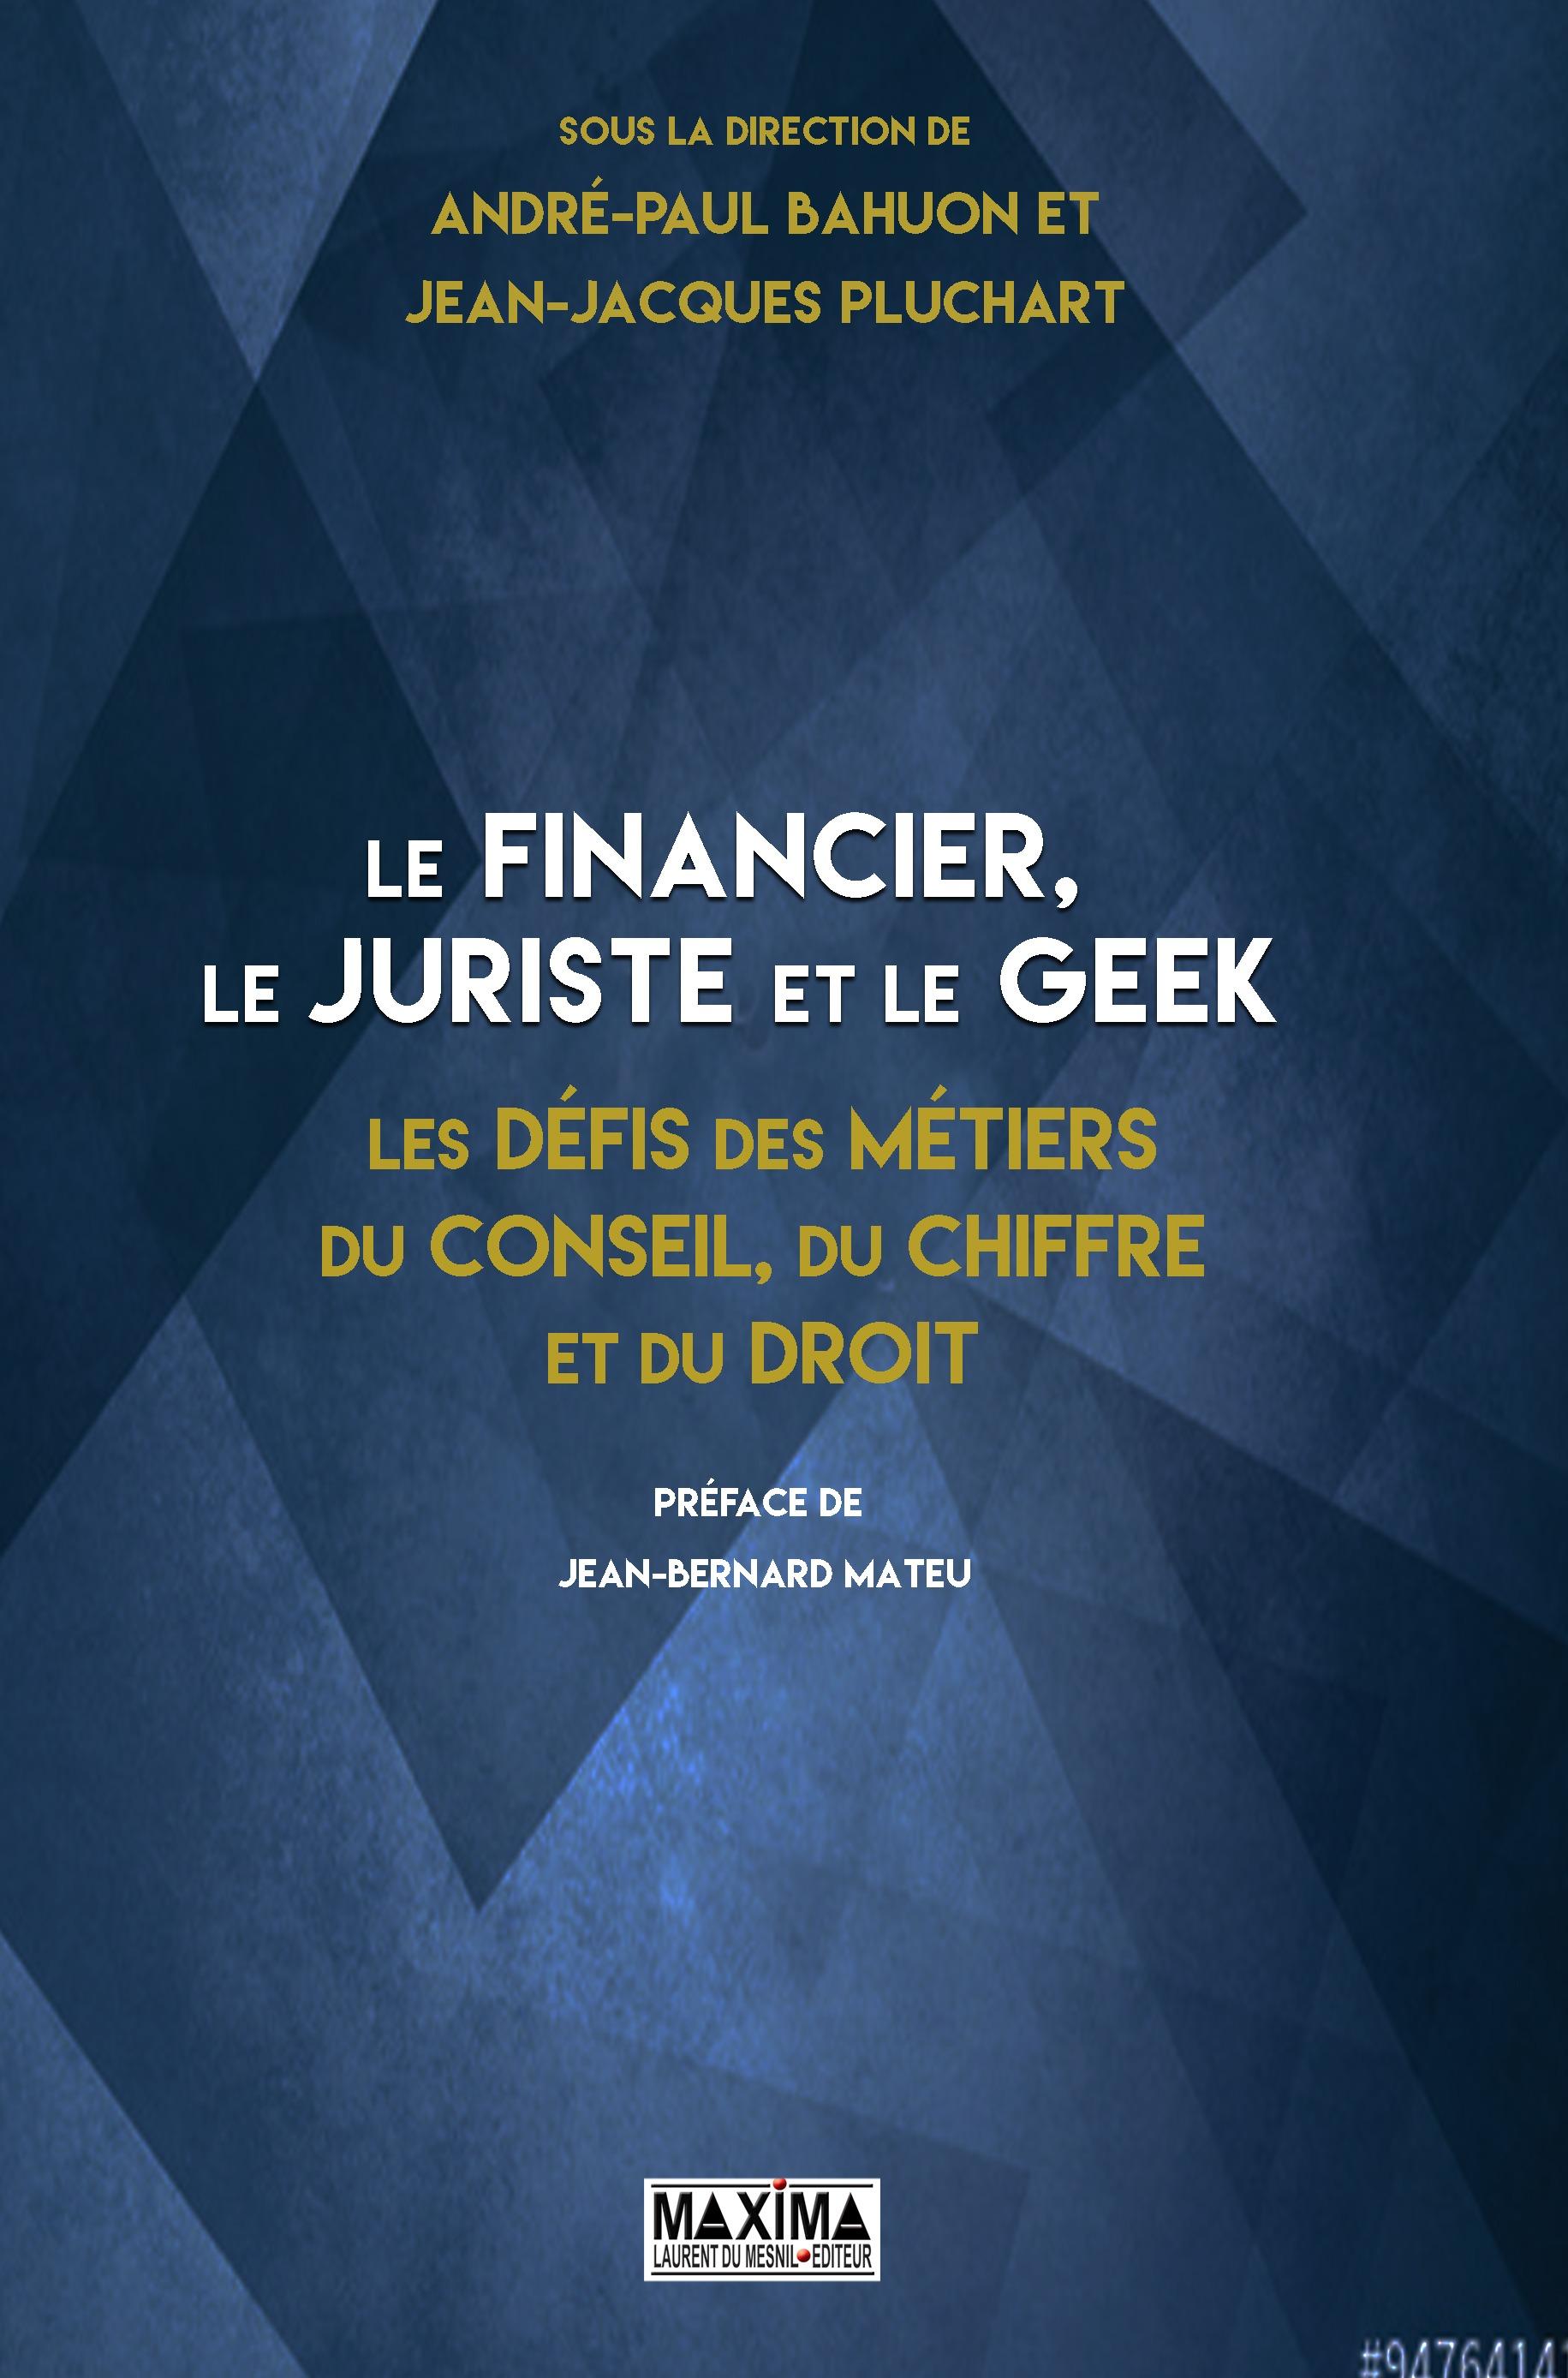 Le financier, le juriste et le geek, LES DÉFIS DES MÉTIERS DU CONSEIL, DU CHIFFRE ET DU DROIT